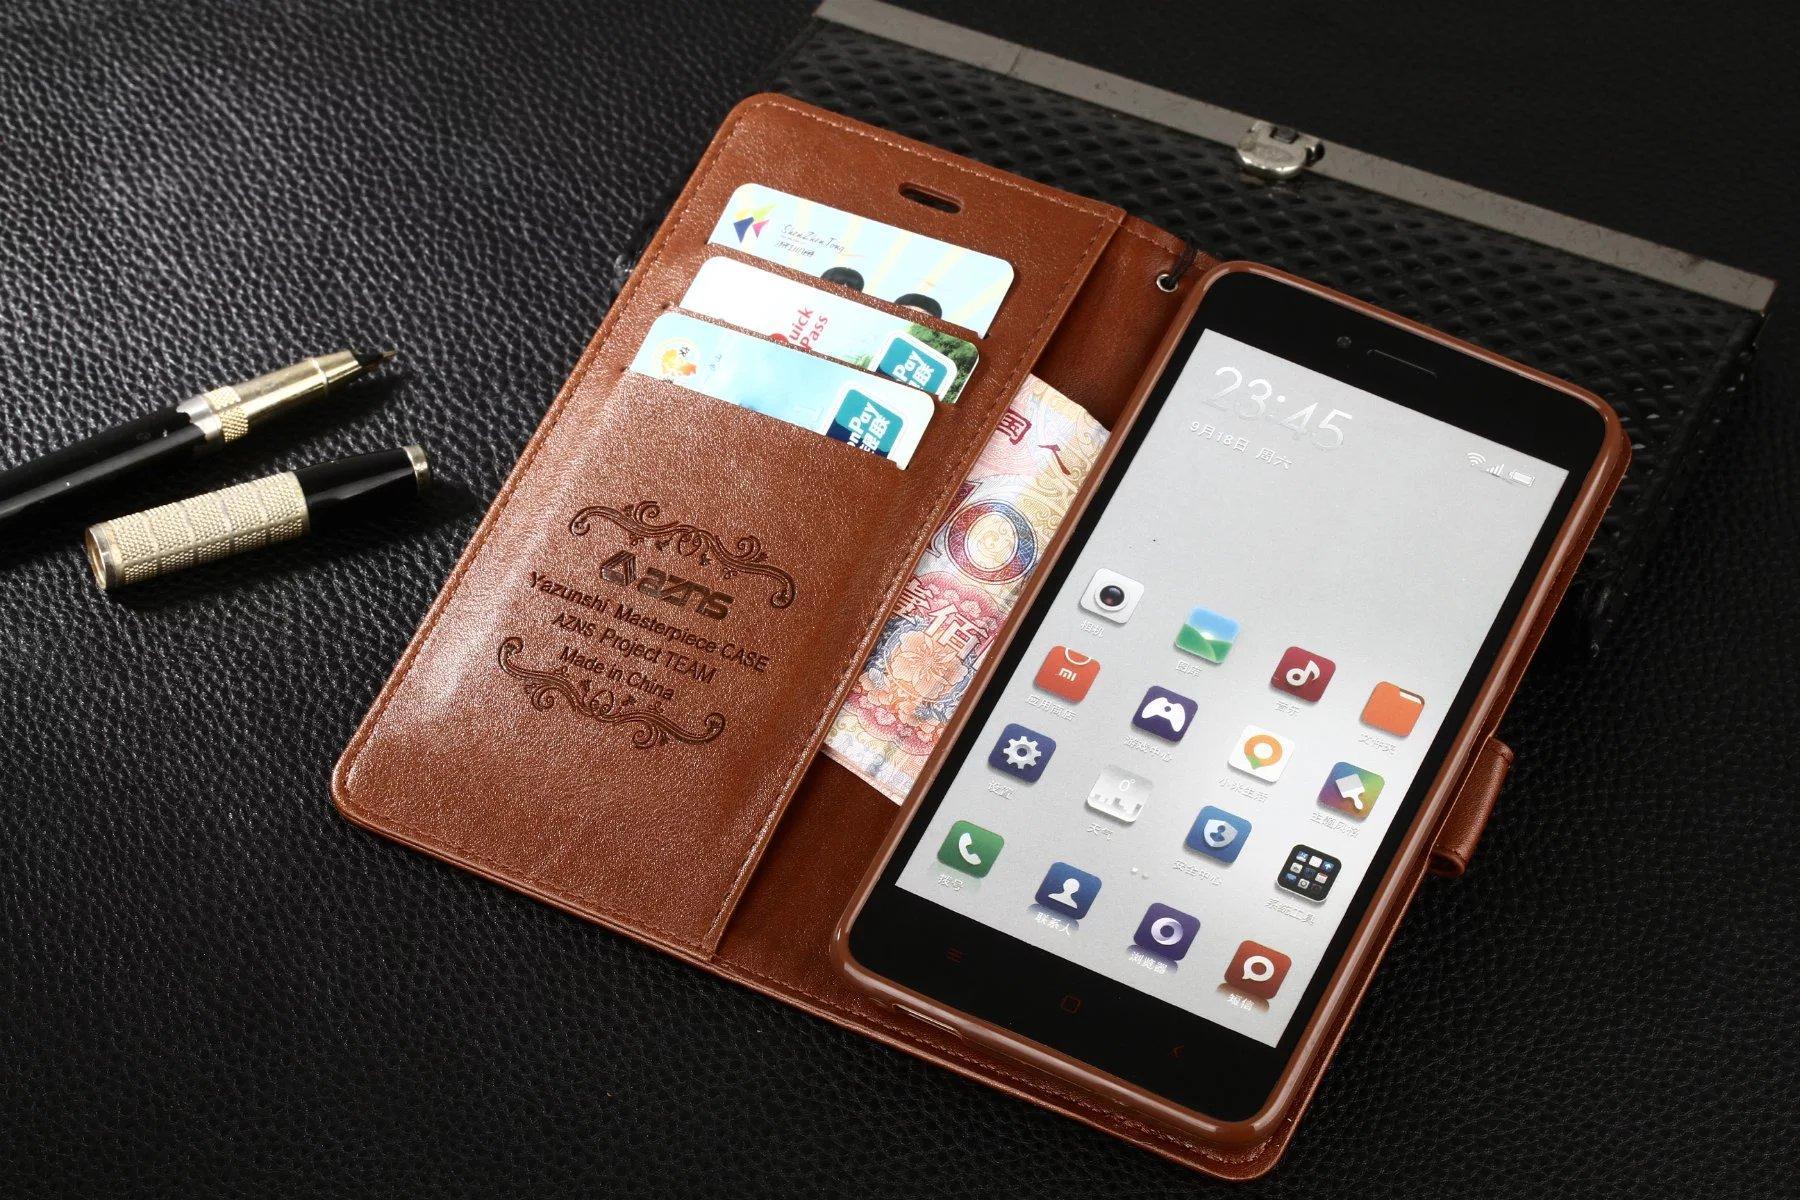 Fresco per Xiaomi Redmi Note 2 Caso di lusso di vibrazione del raccoglitore Custodia in pelle originale sottile copertina rigida per Xiaomi Hongmi Redmi Note 2